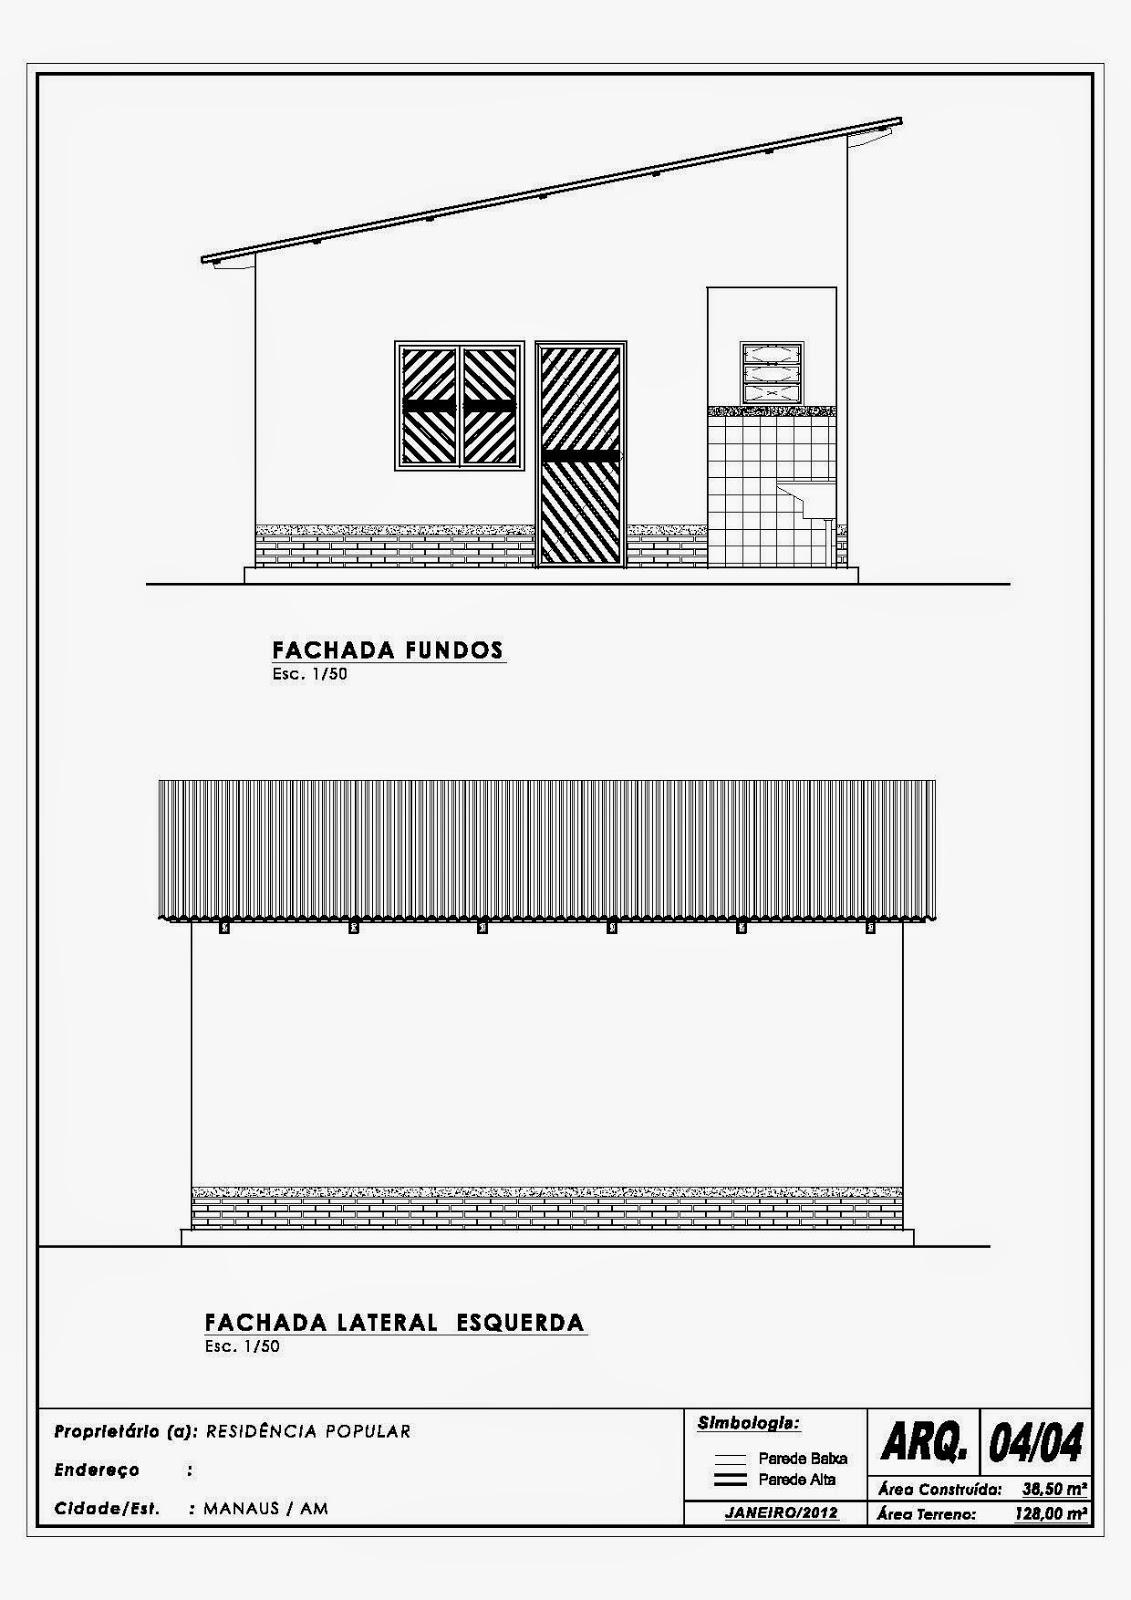 Fachadas dos fundos e Lateral esquerda